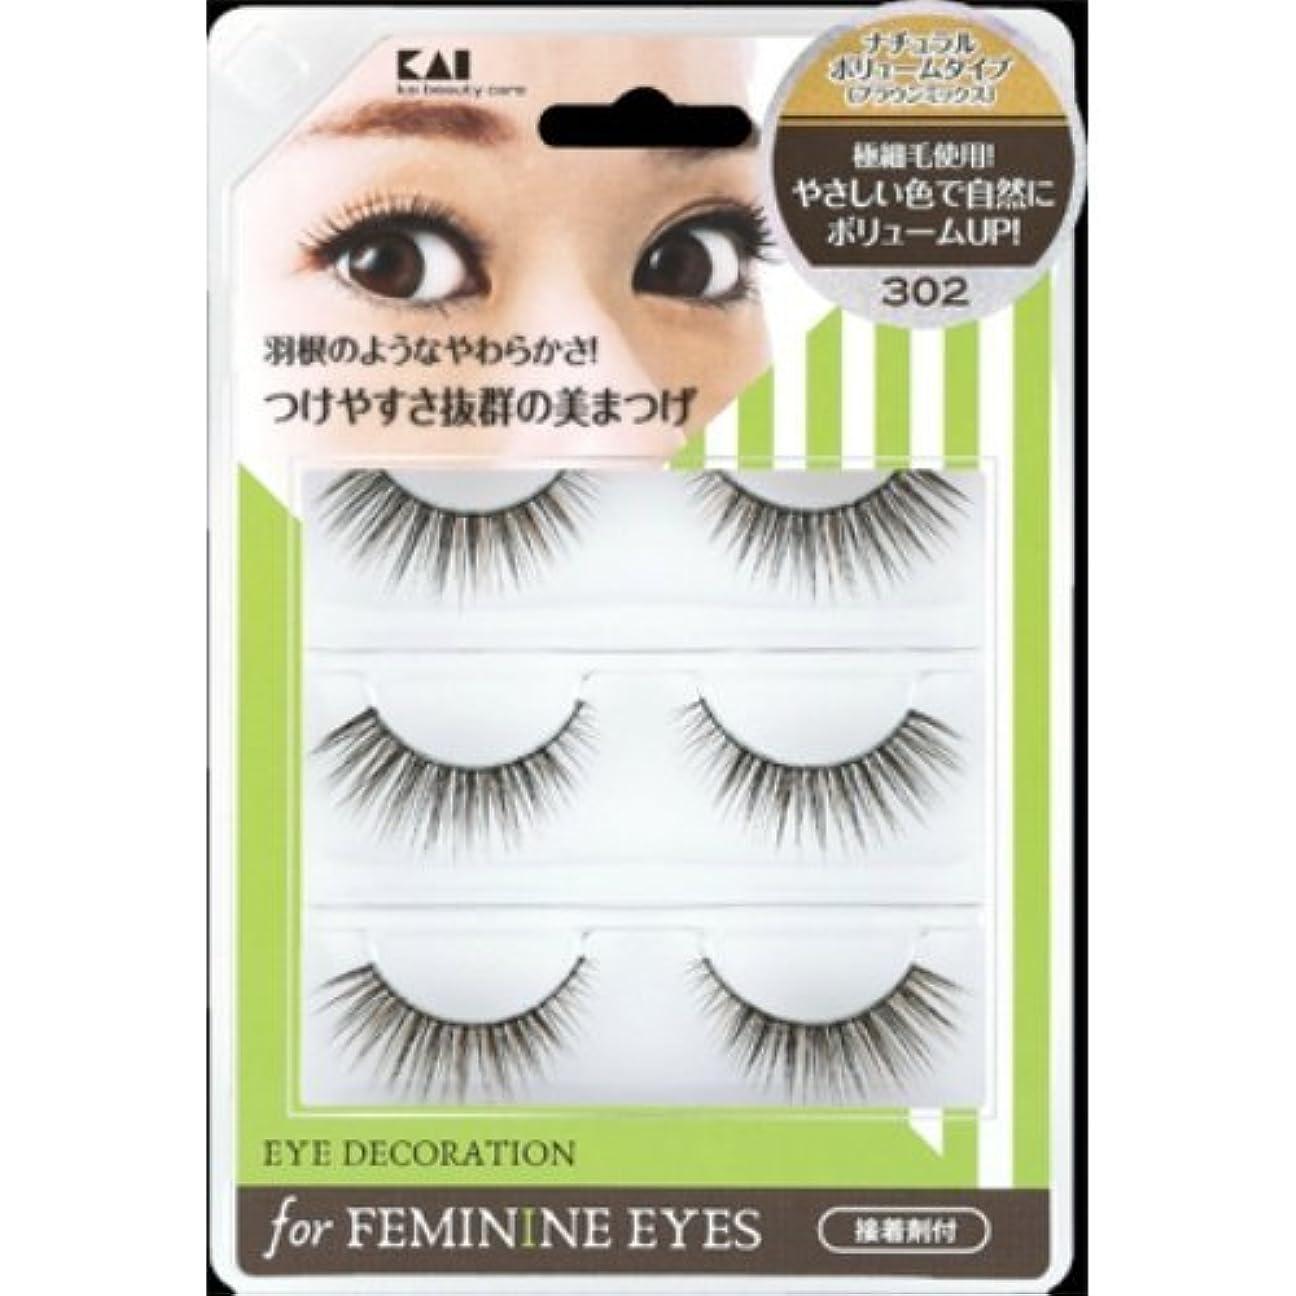 胸ご近所マニフェスト貝印 アイデコレーション for feminine eyes 302 HC1562